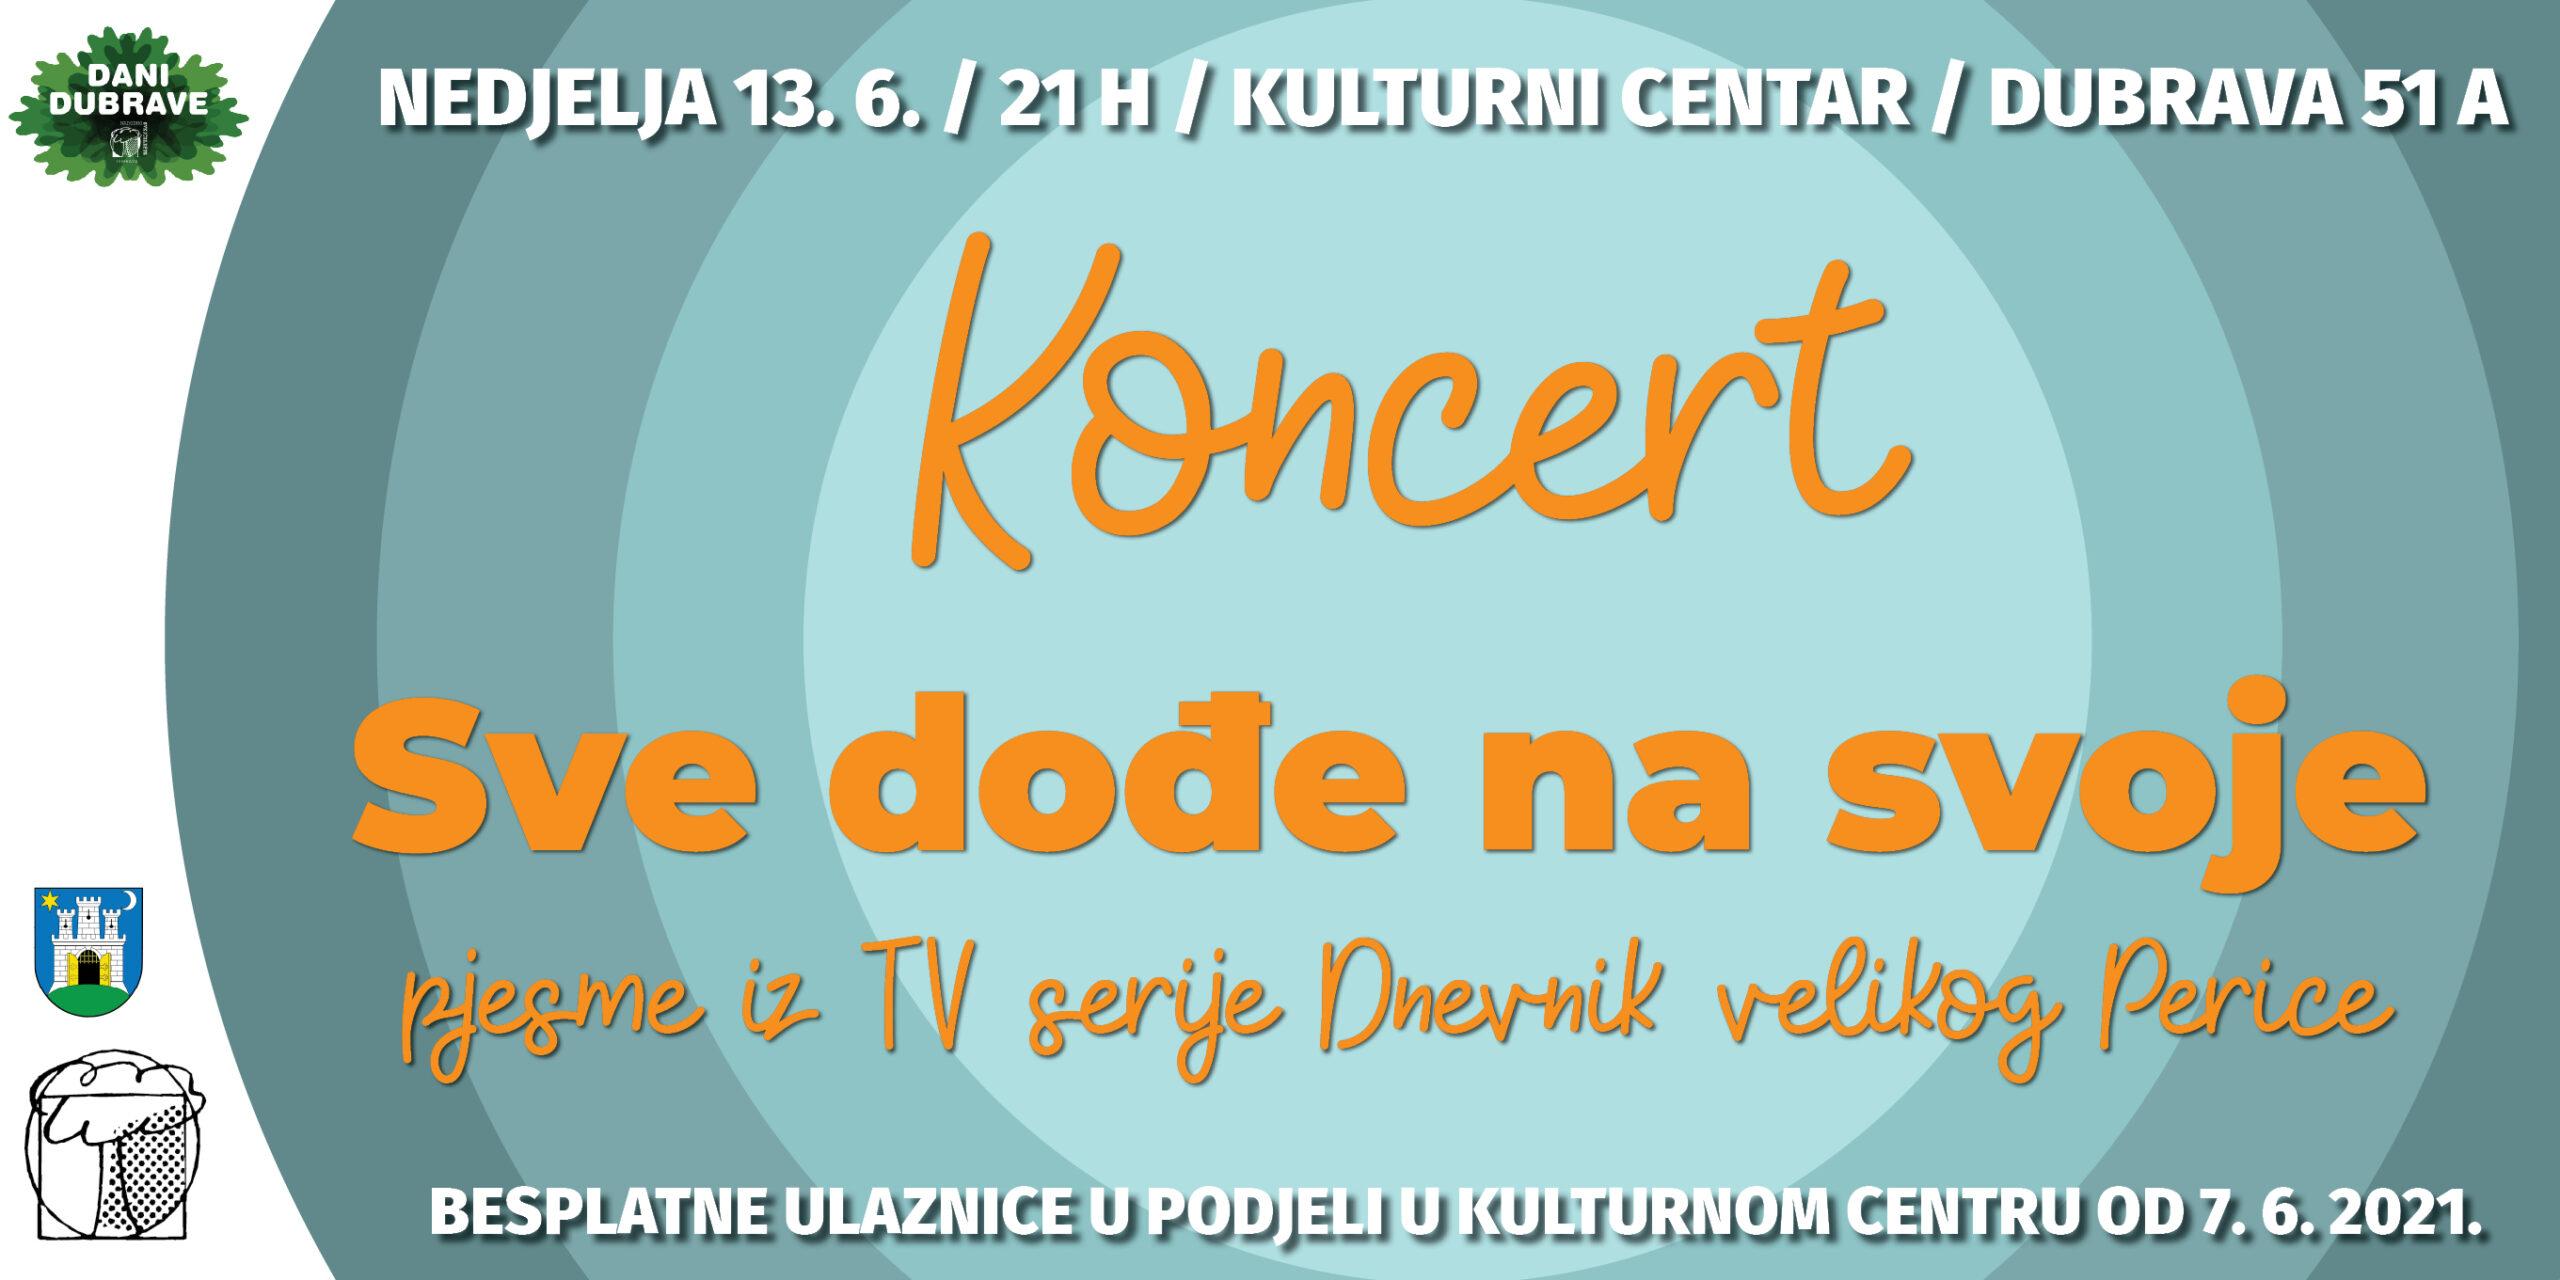 """Dani Dubrave: Koncert """"Sve dođe na svoje"""" 13. 6."""